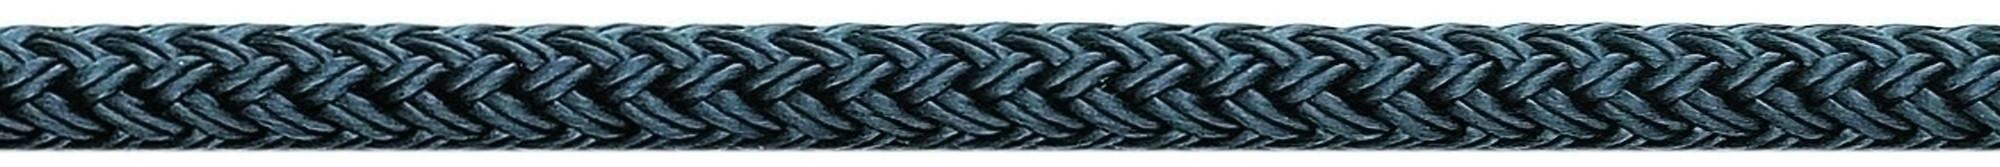 Fenderlijn deluxe polyester navy U-Rope